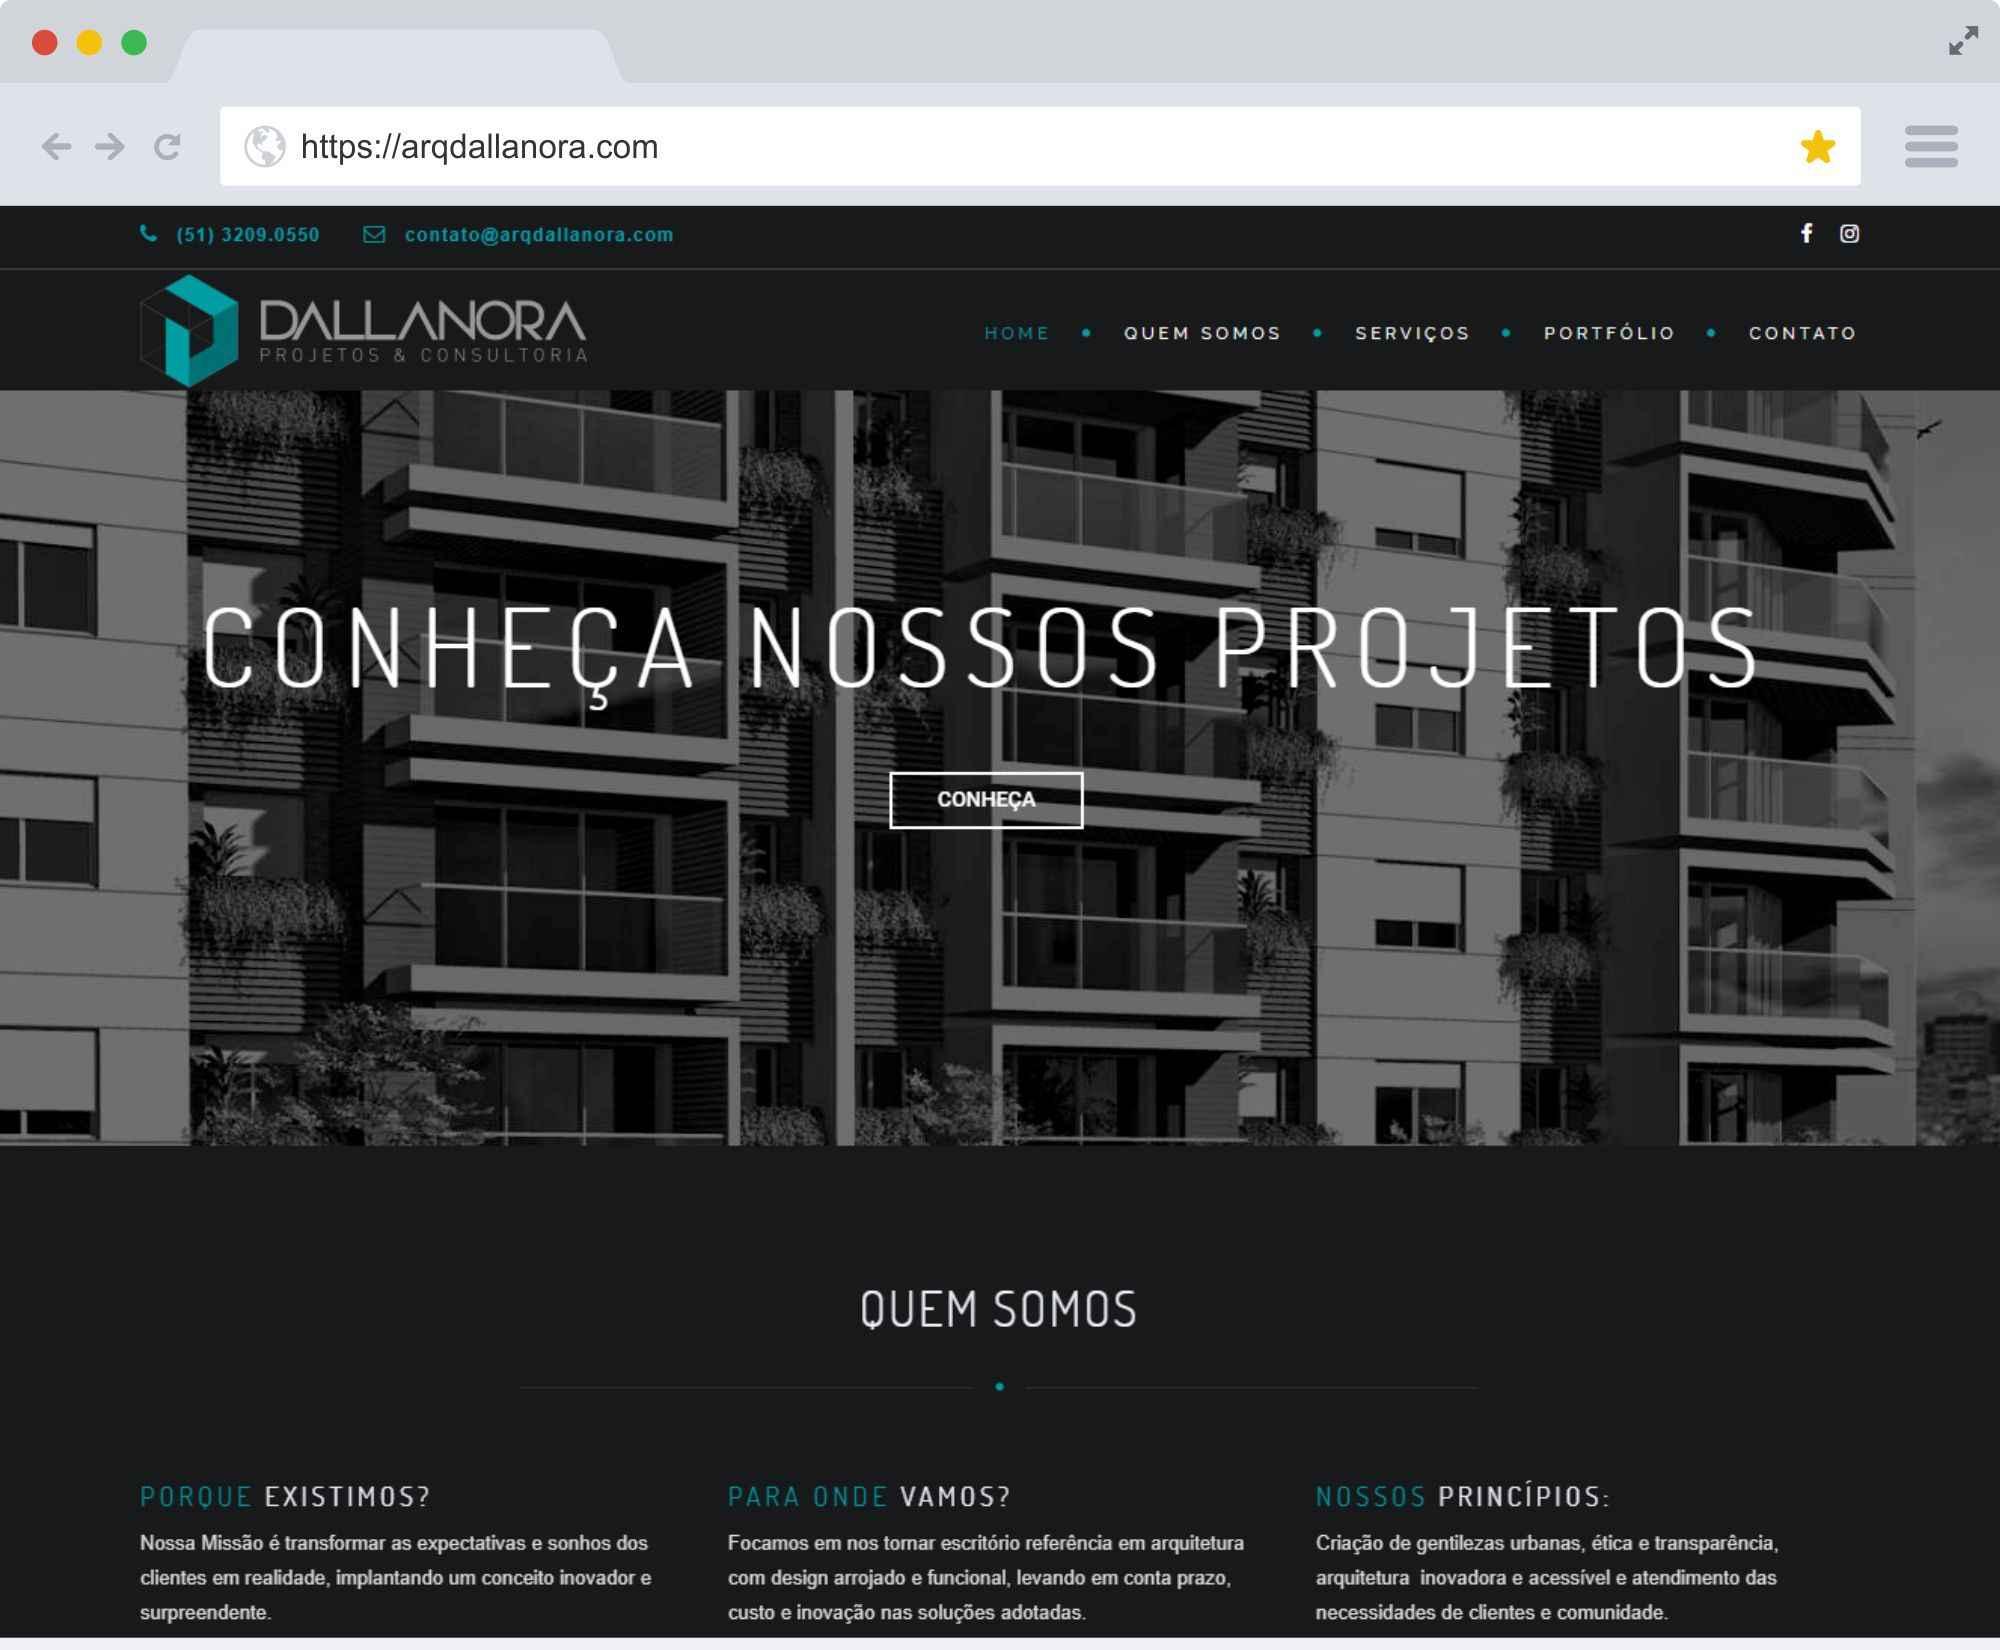 arqdallanora.com